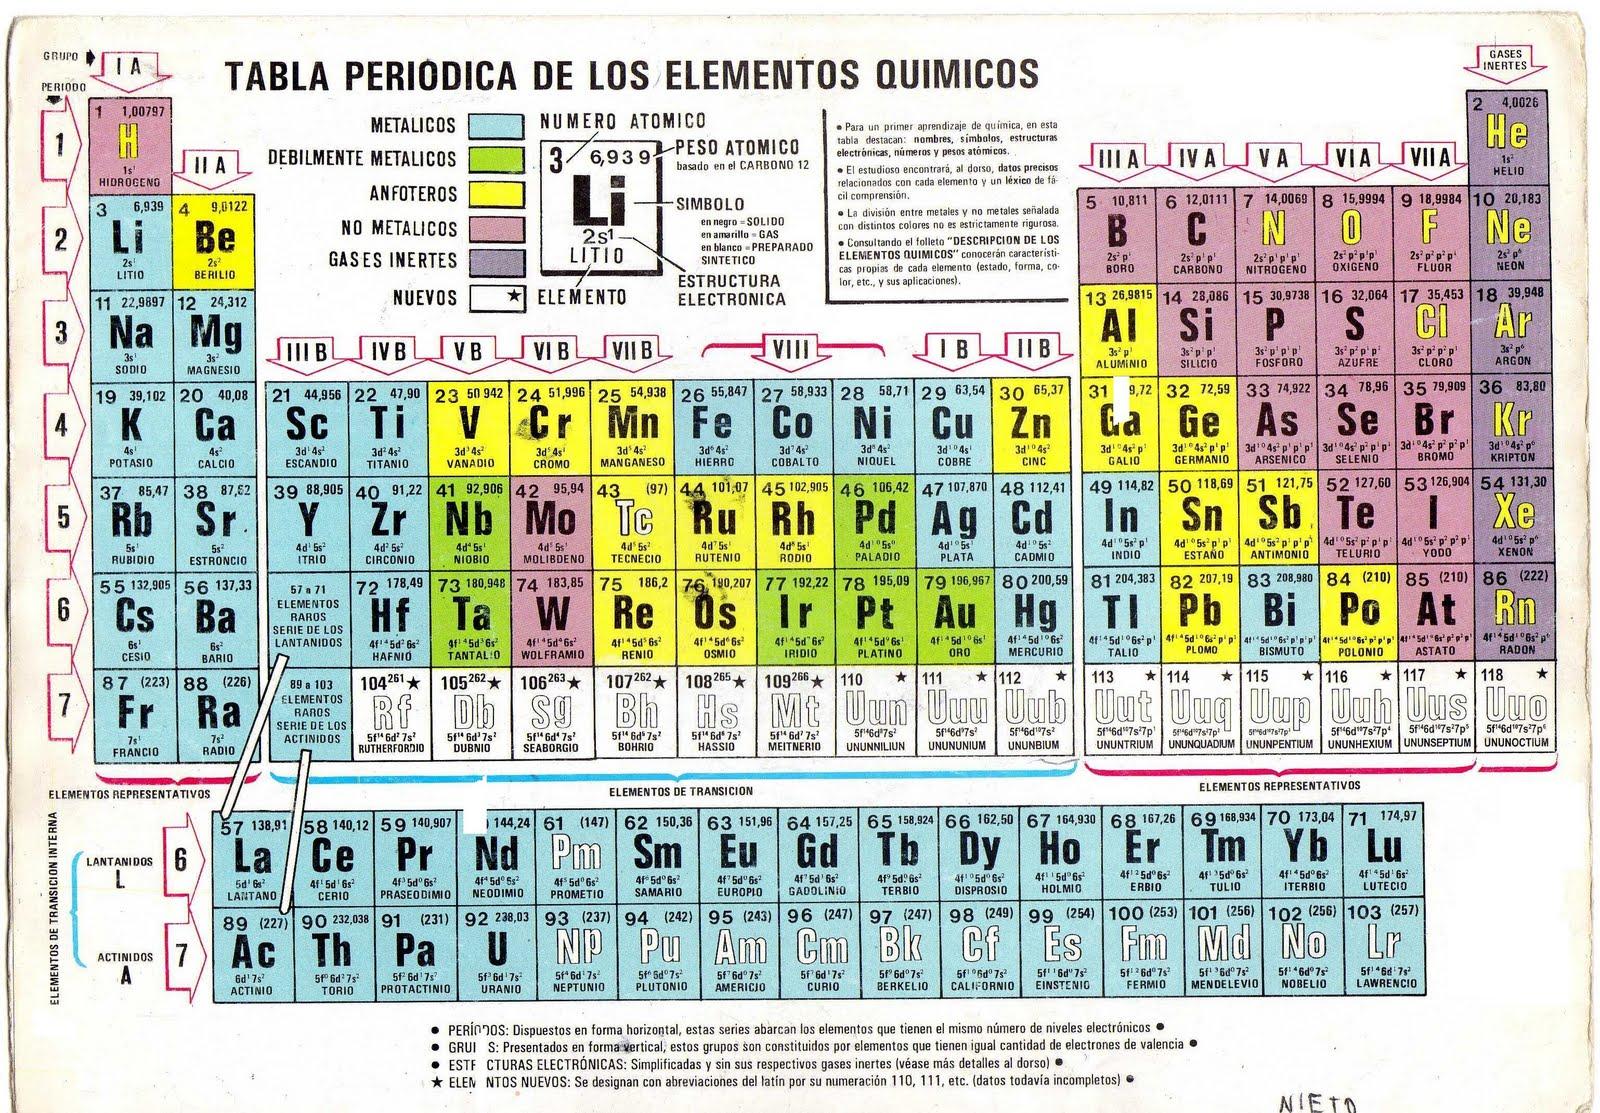 Aquí Podemos Observar Los Grupos Y Periodos De La Tabla Periódica Moderna